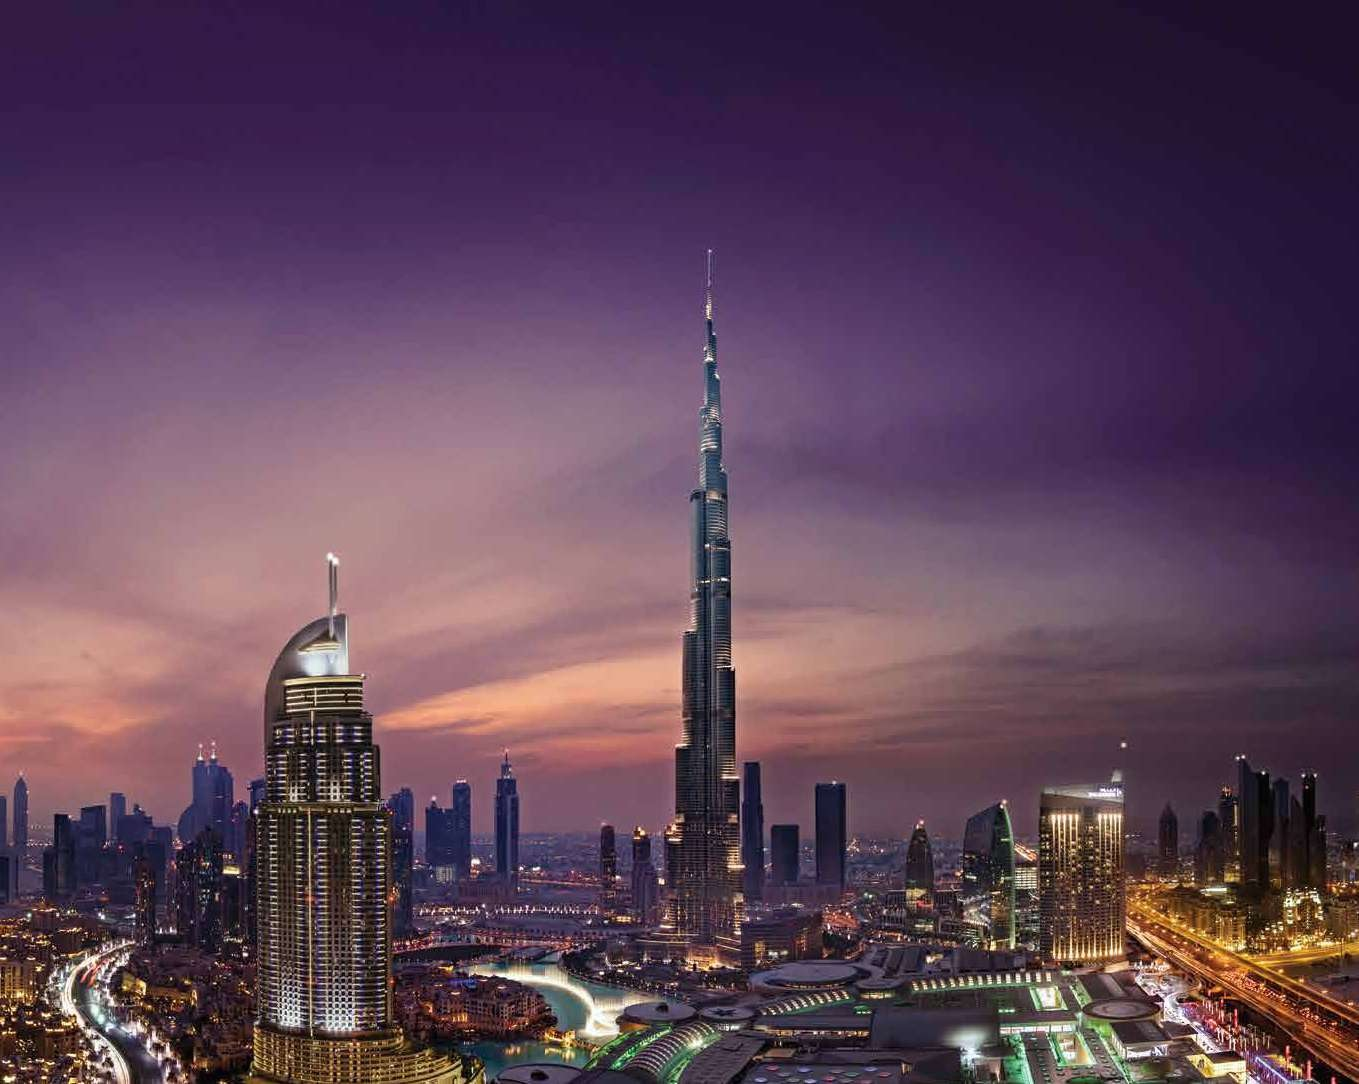 THE WORLD'S LEADING INOVATOR فلل المرابع العربية إعمار العقارية